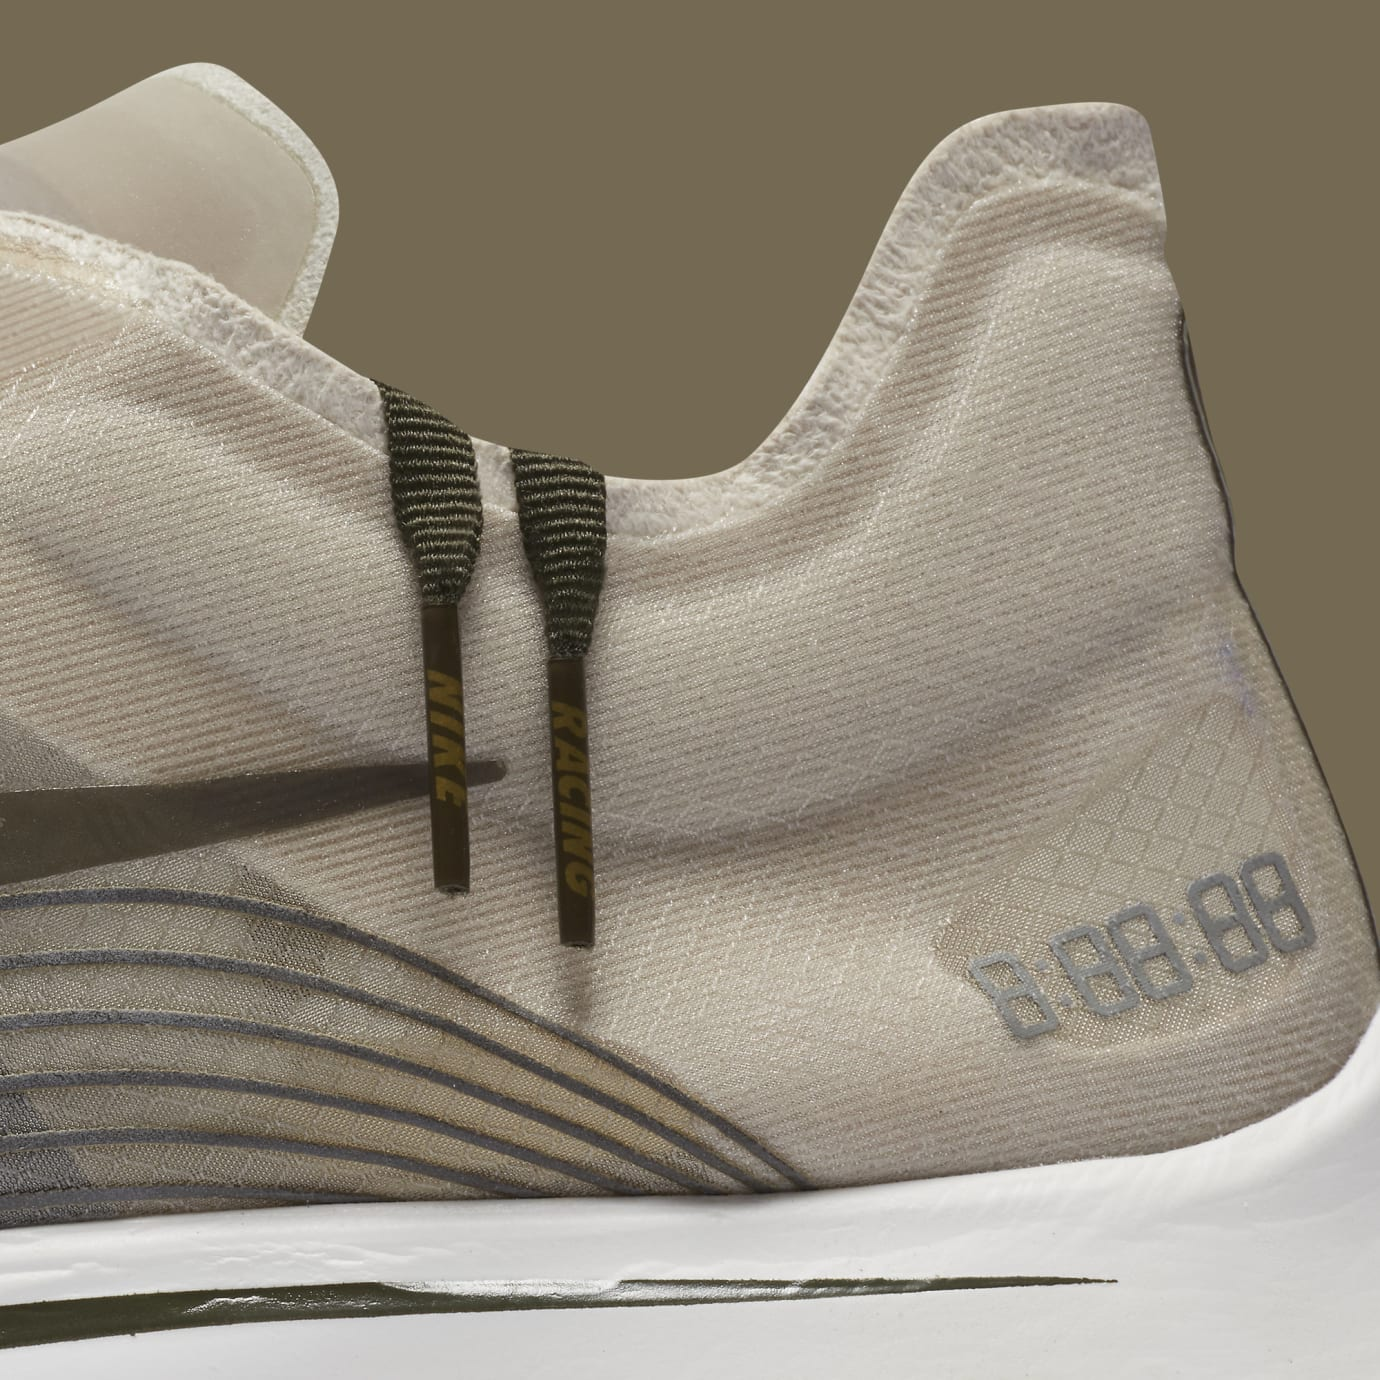 Shanghai Nike Zoom Fly SP AA3172-300 Detail